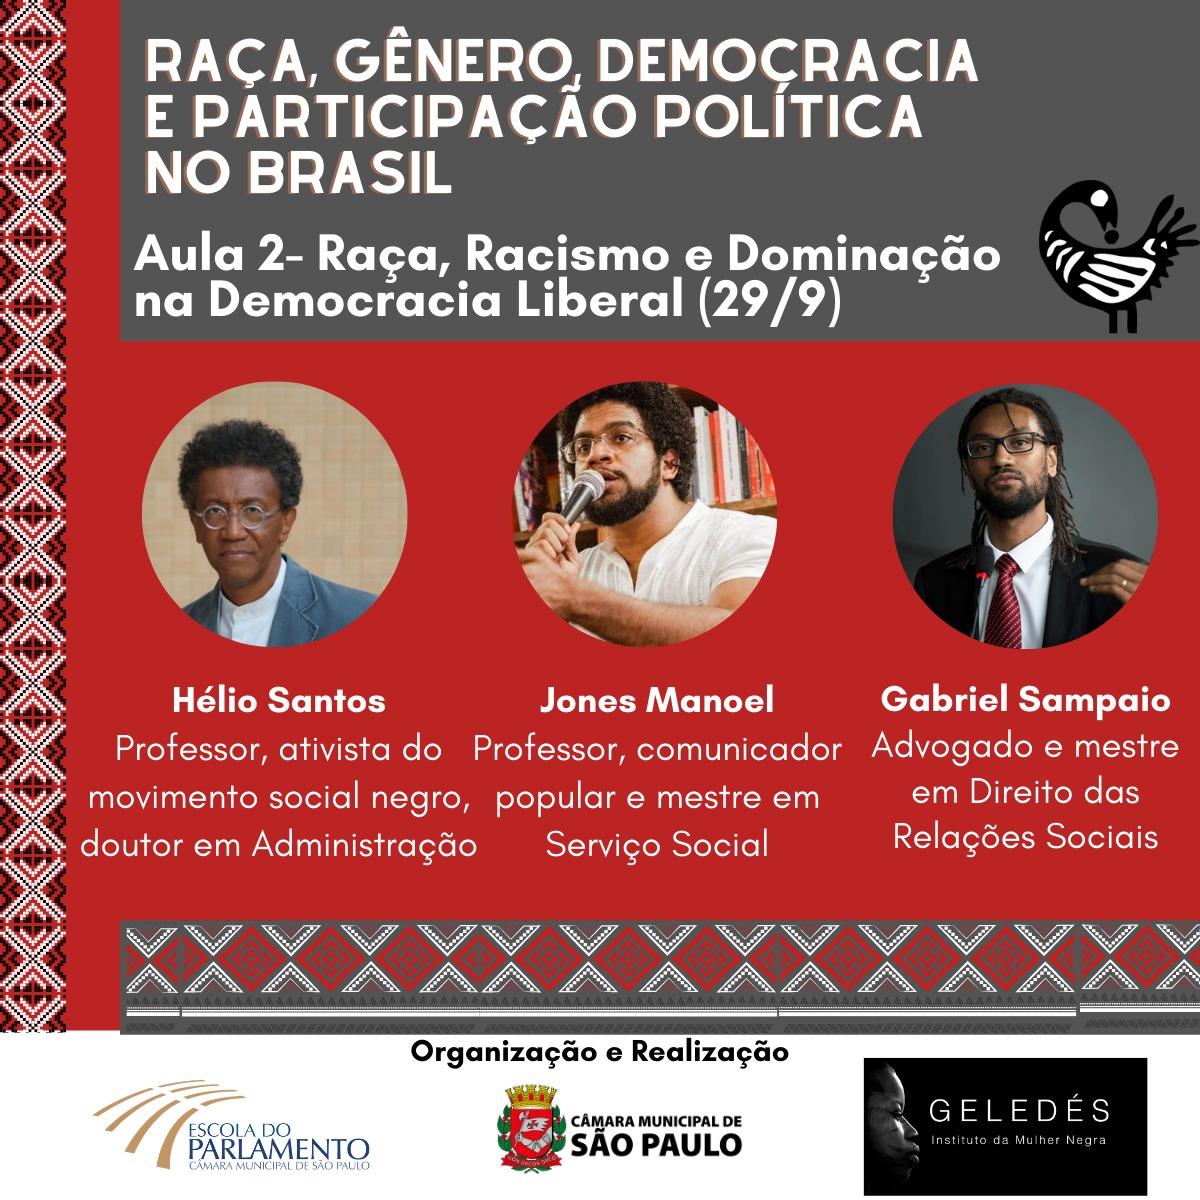 escola do parlamento Raça, gênero, democracia e participação politica no brasil